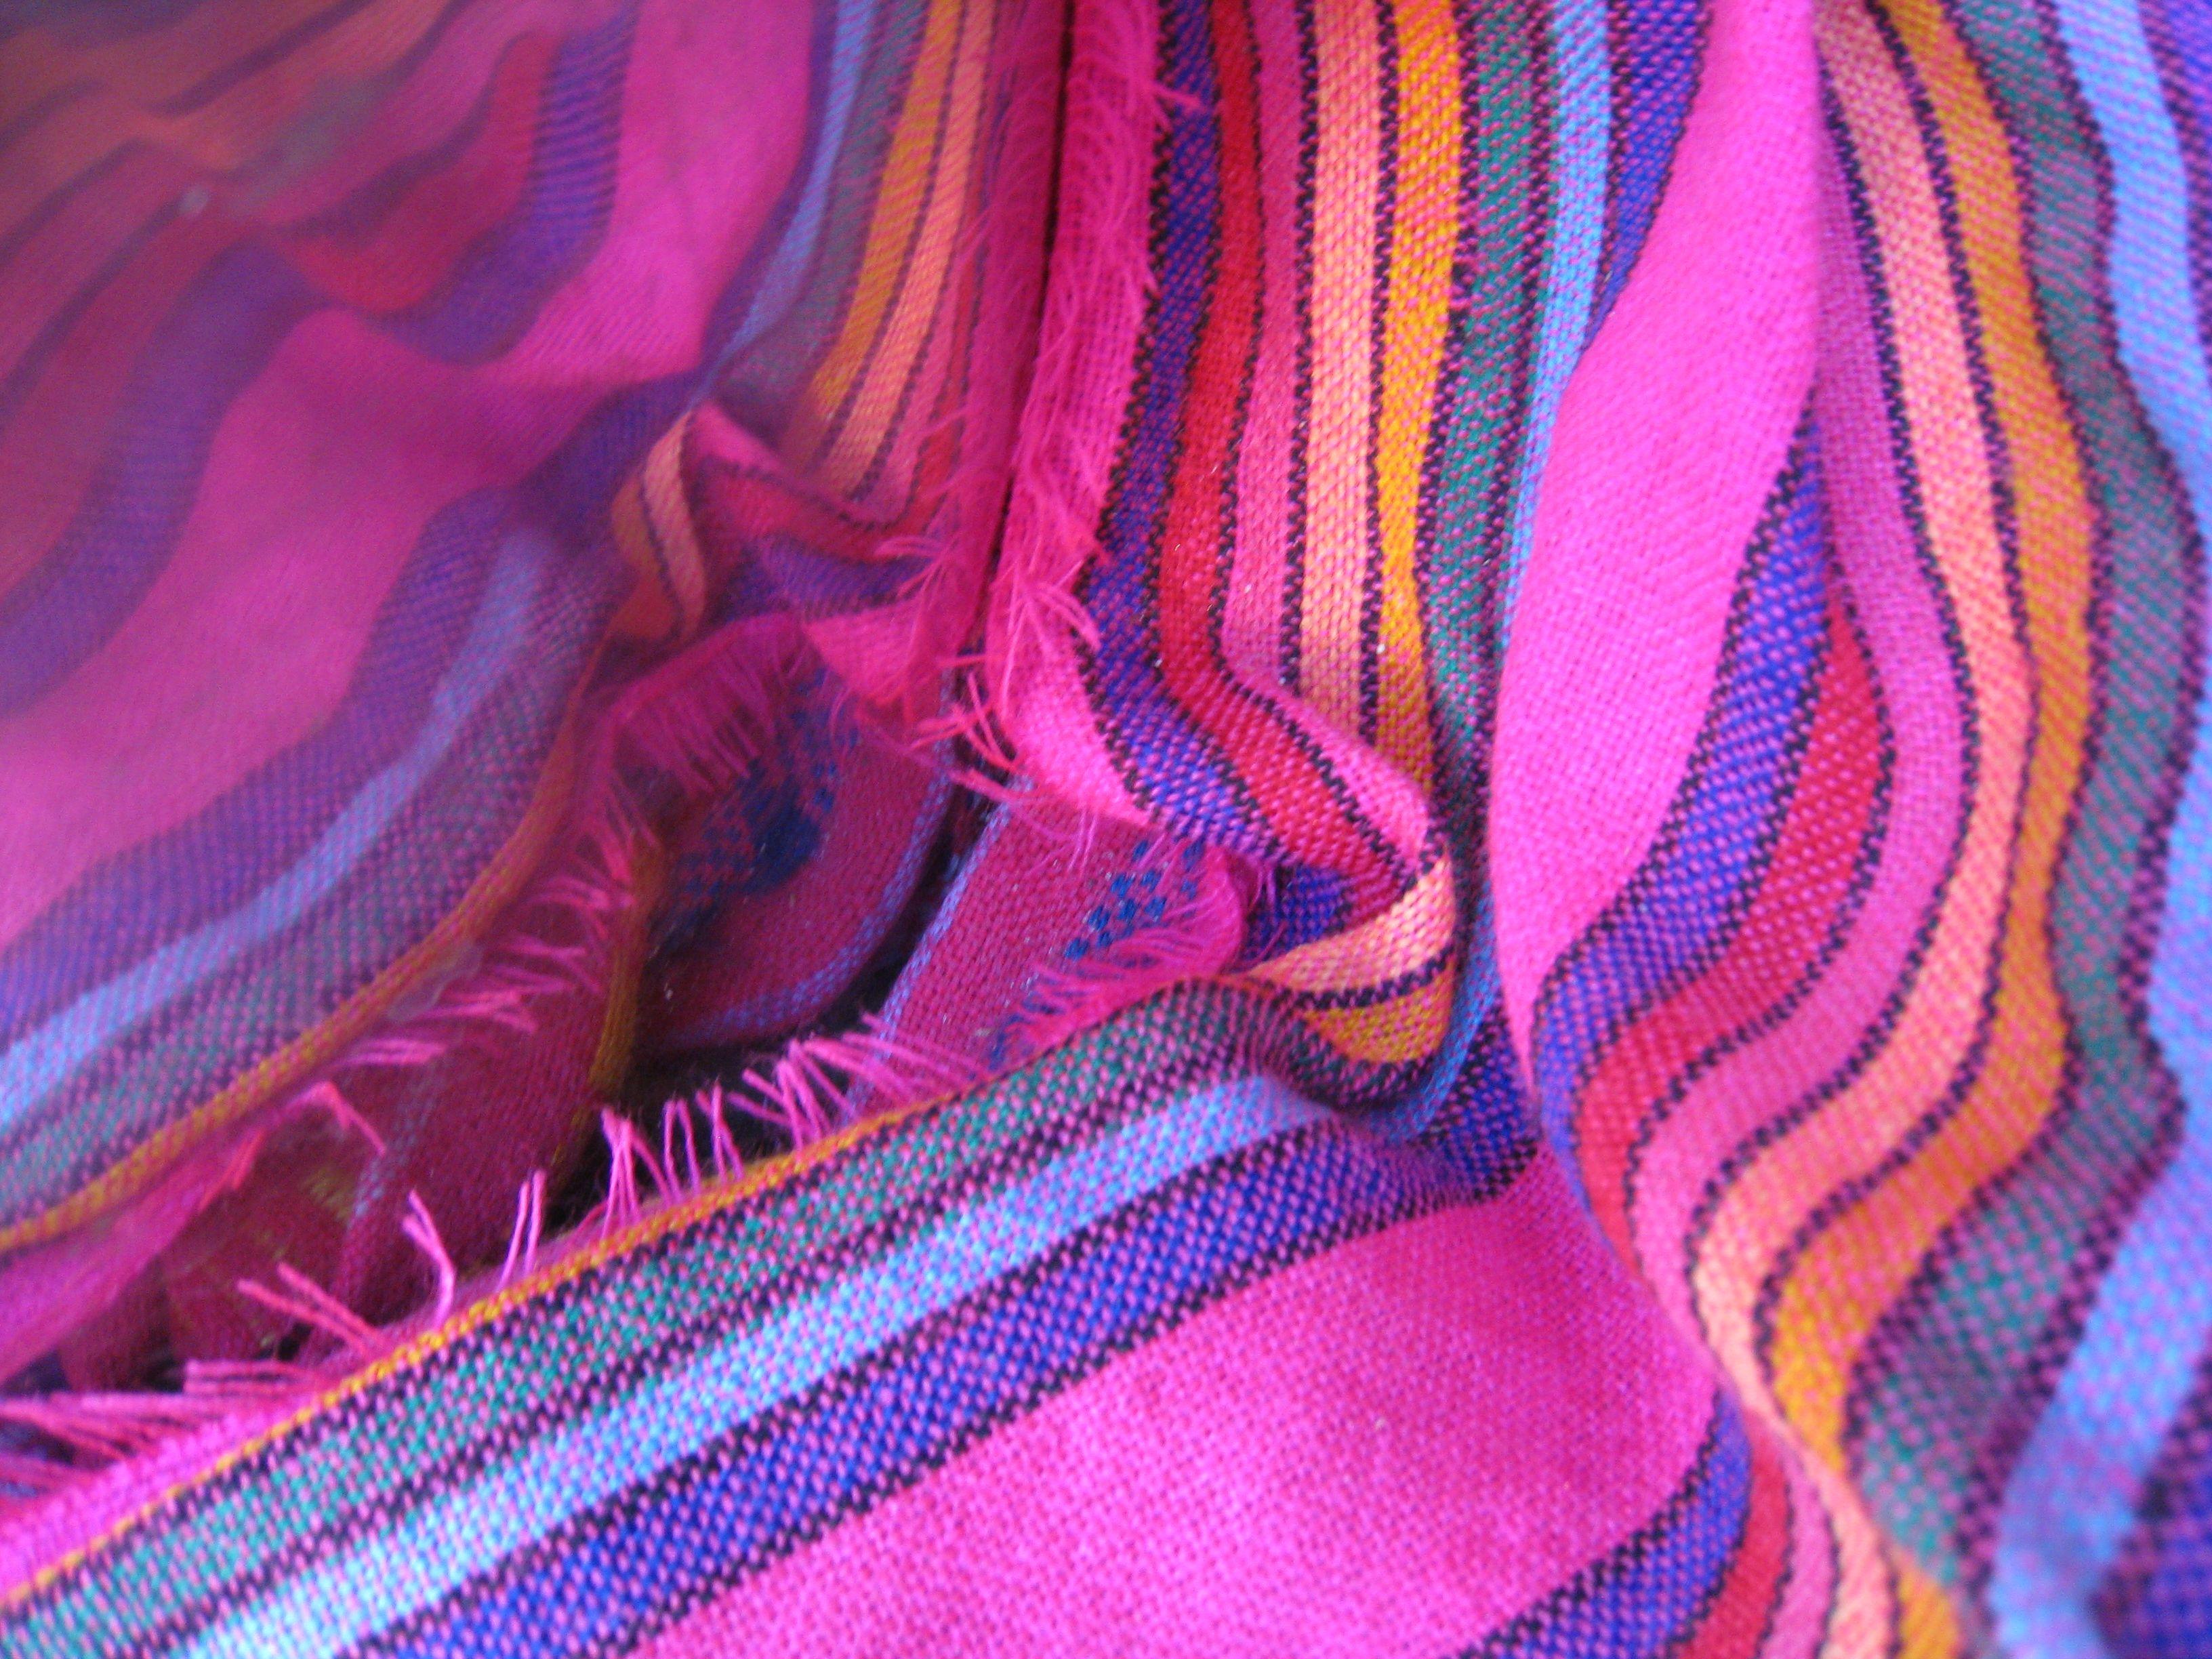 zarape mexicano | Zarapes | Pinterest | Something to do ...